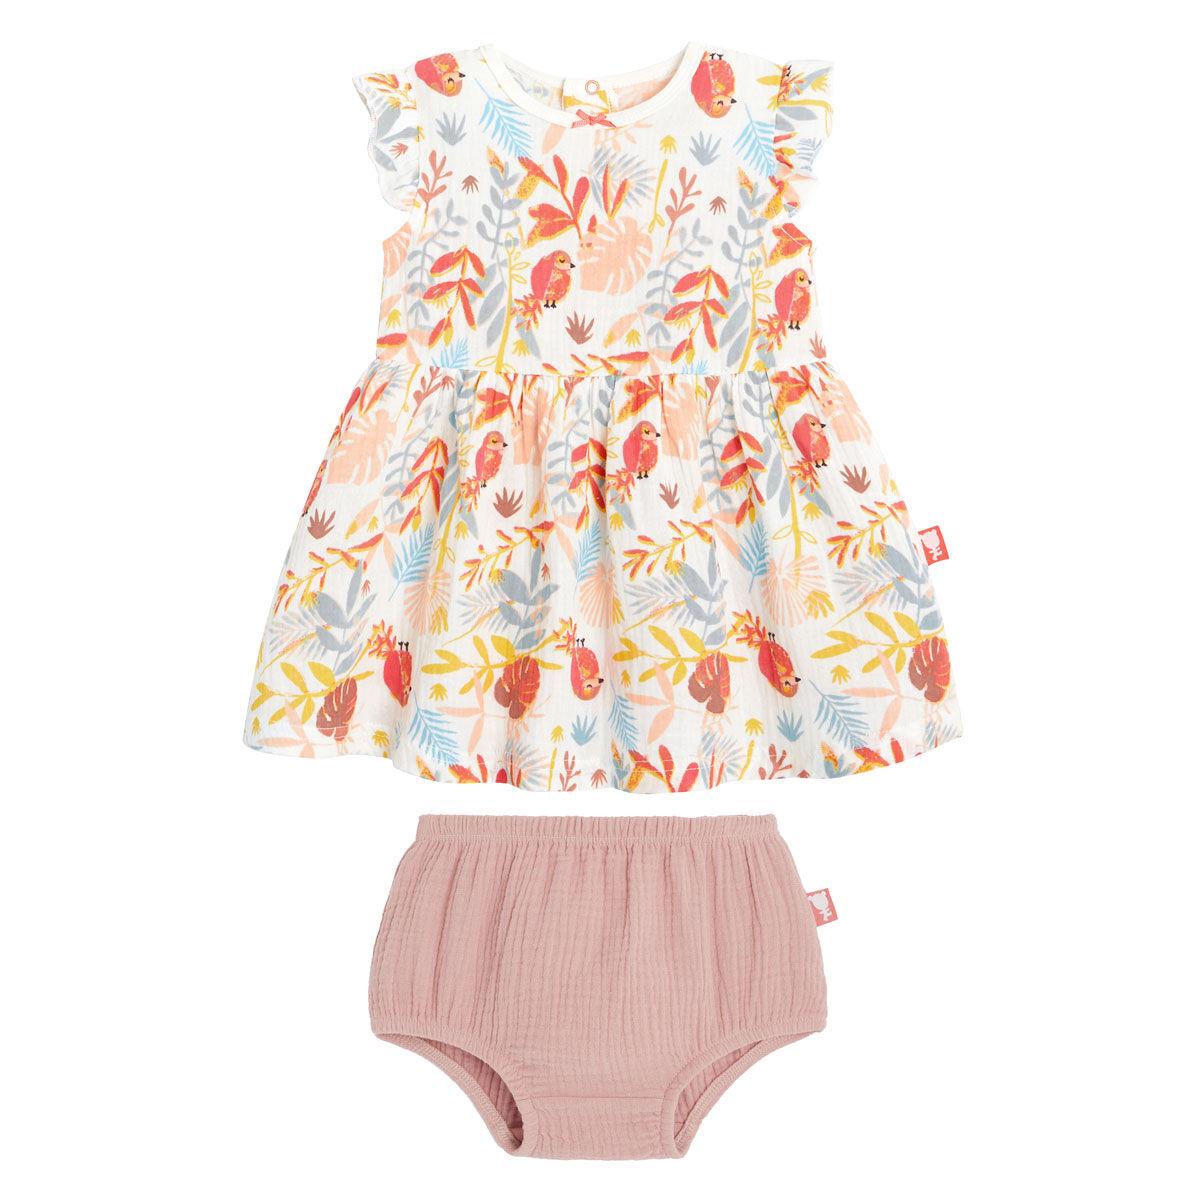 Petit Béguin Robe fille et culotte Tropic - Taille - 36 mois